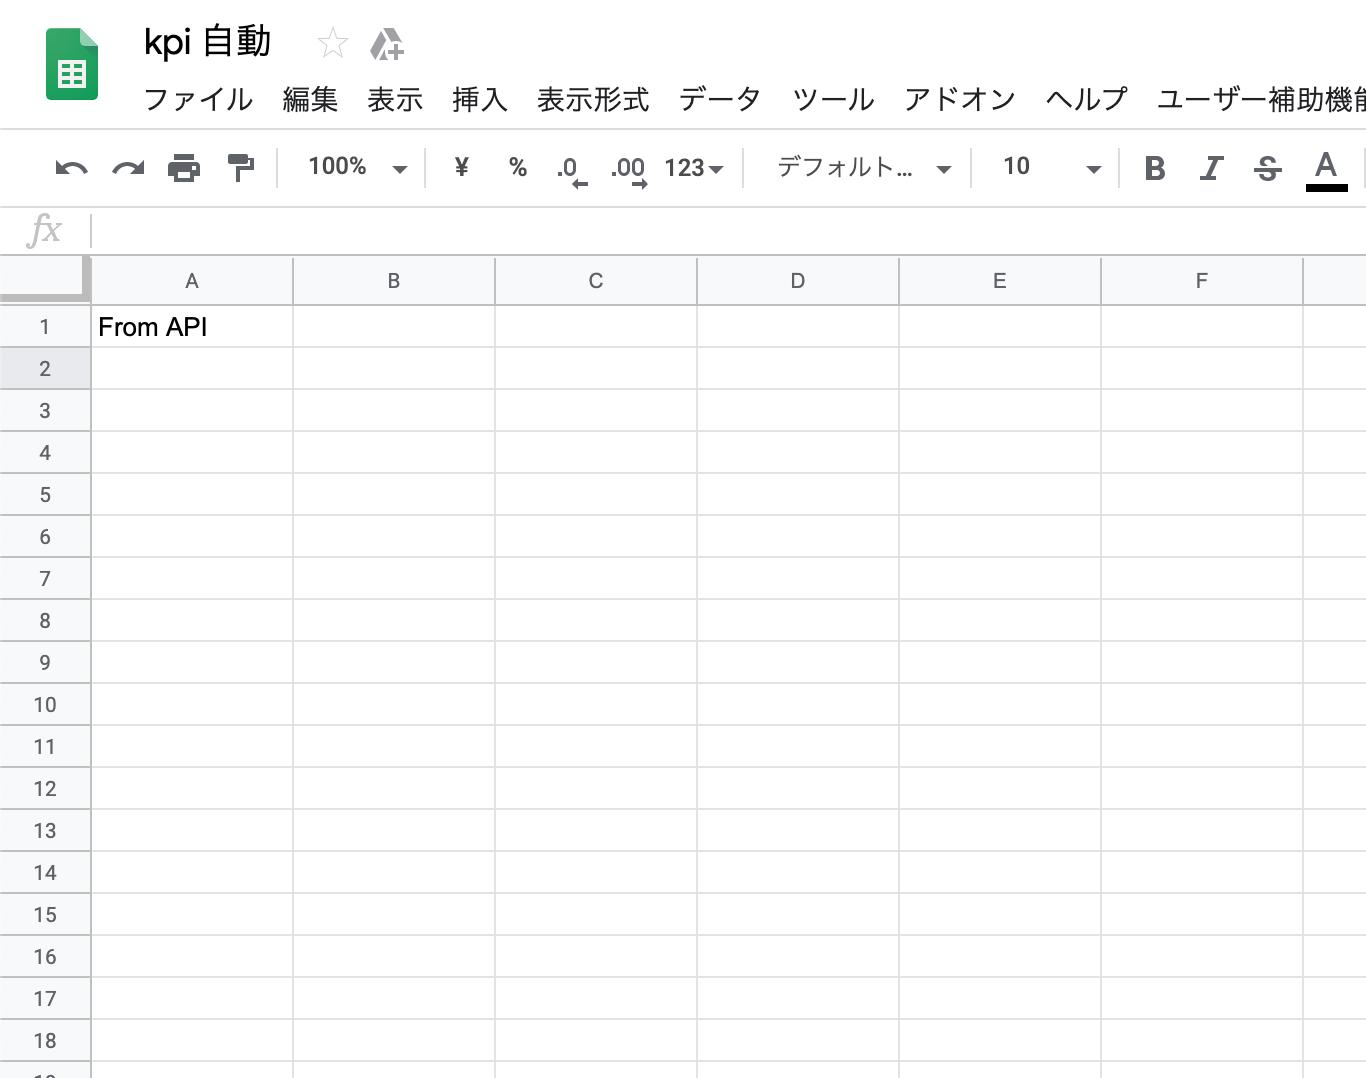 スクリーンショット 2020-01-15 16.12.15.png